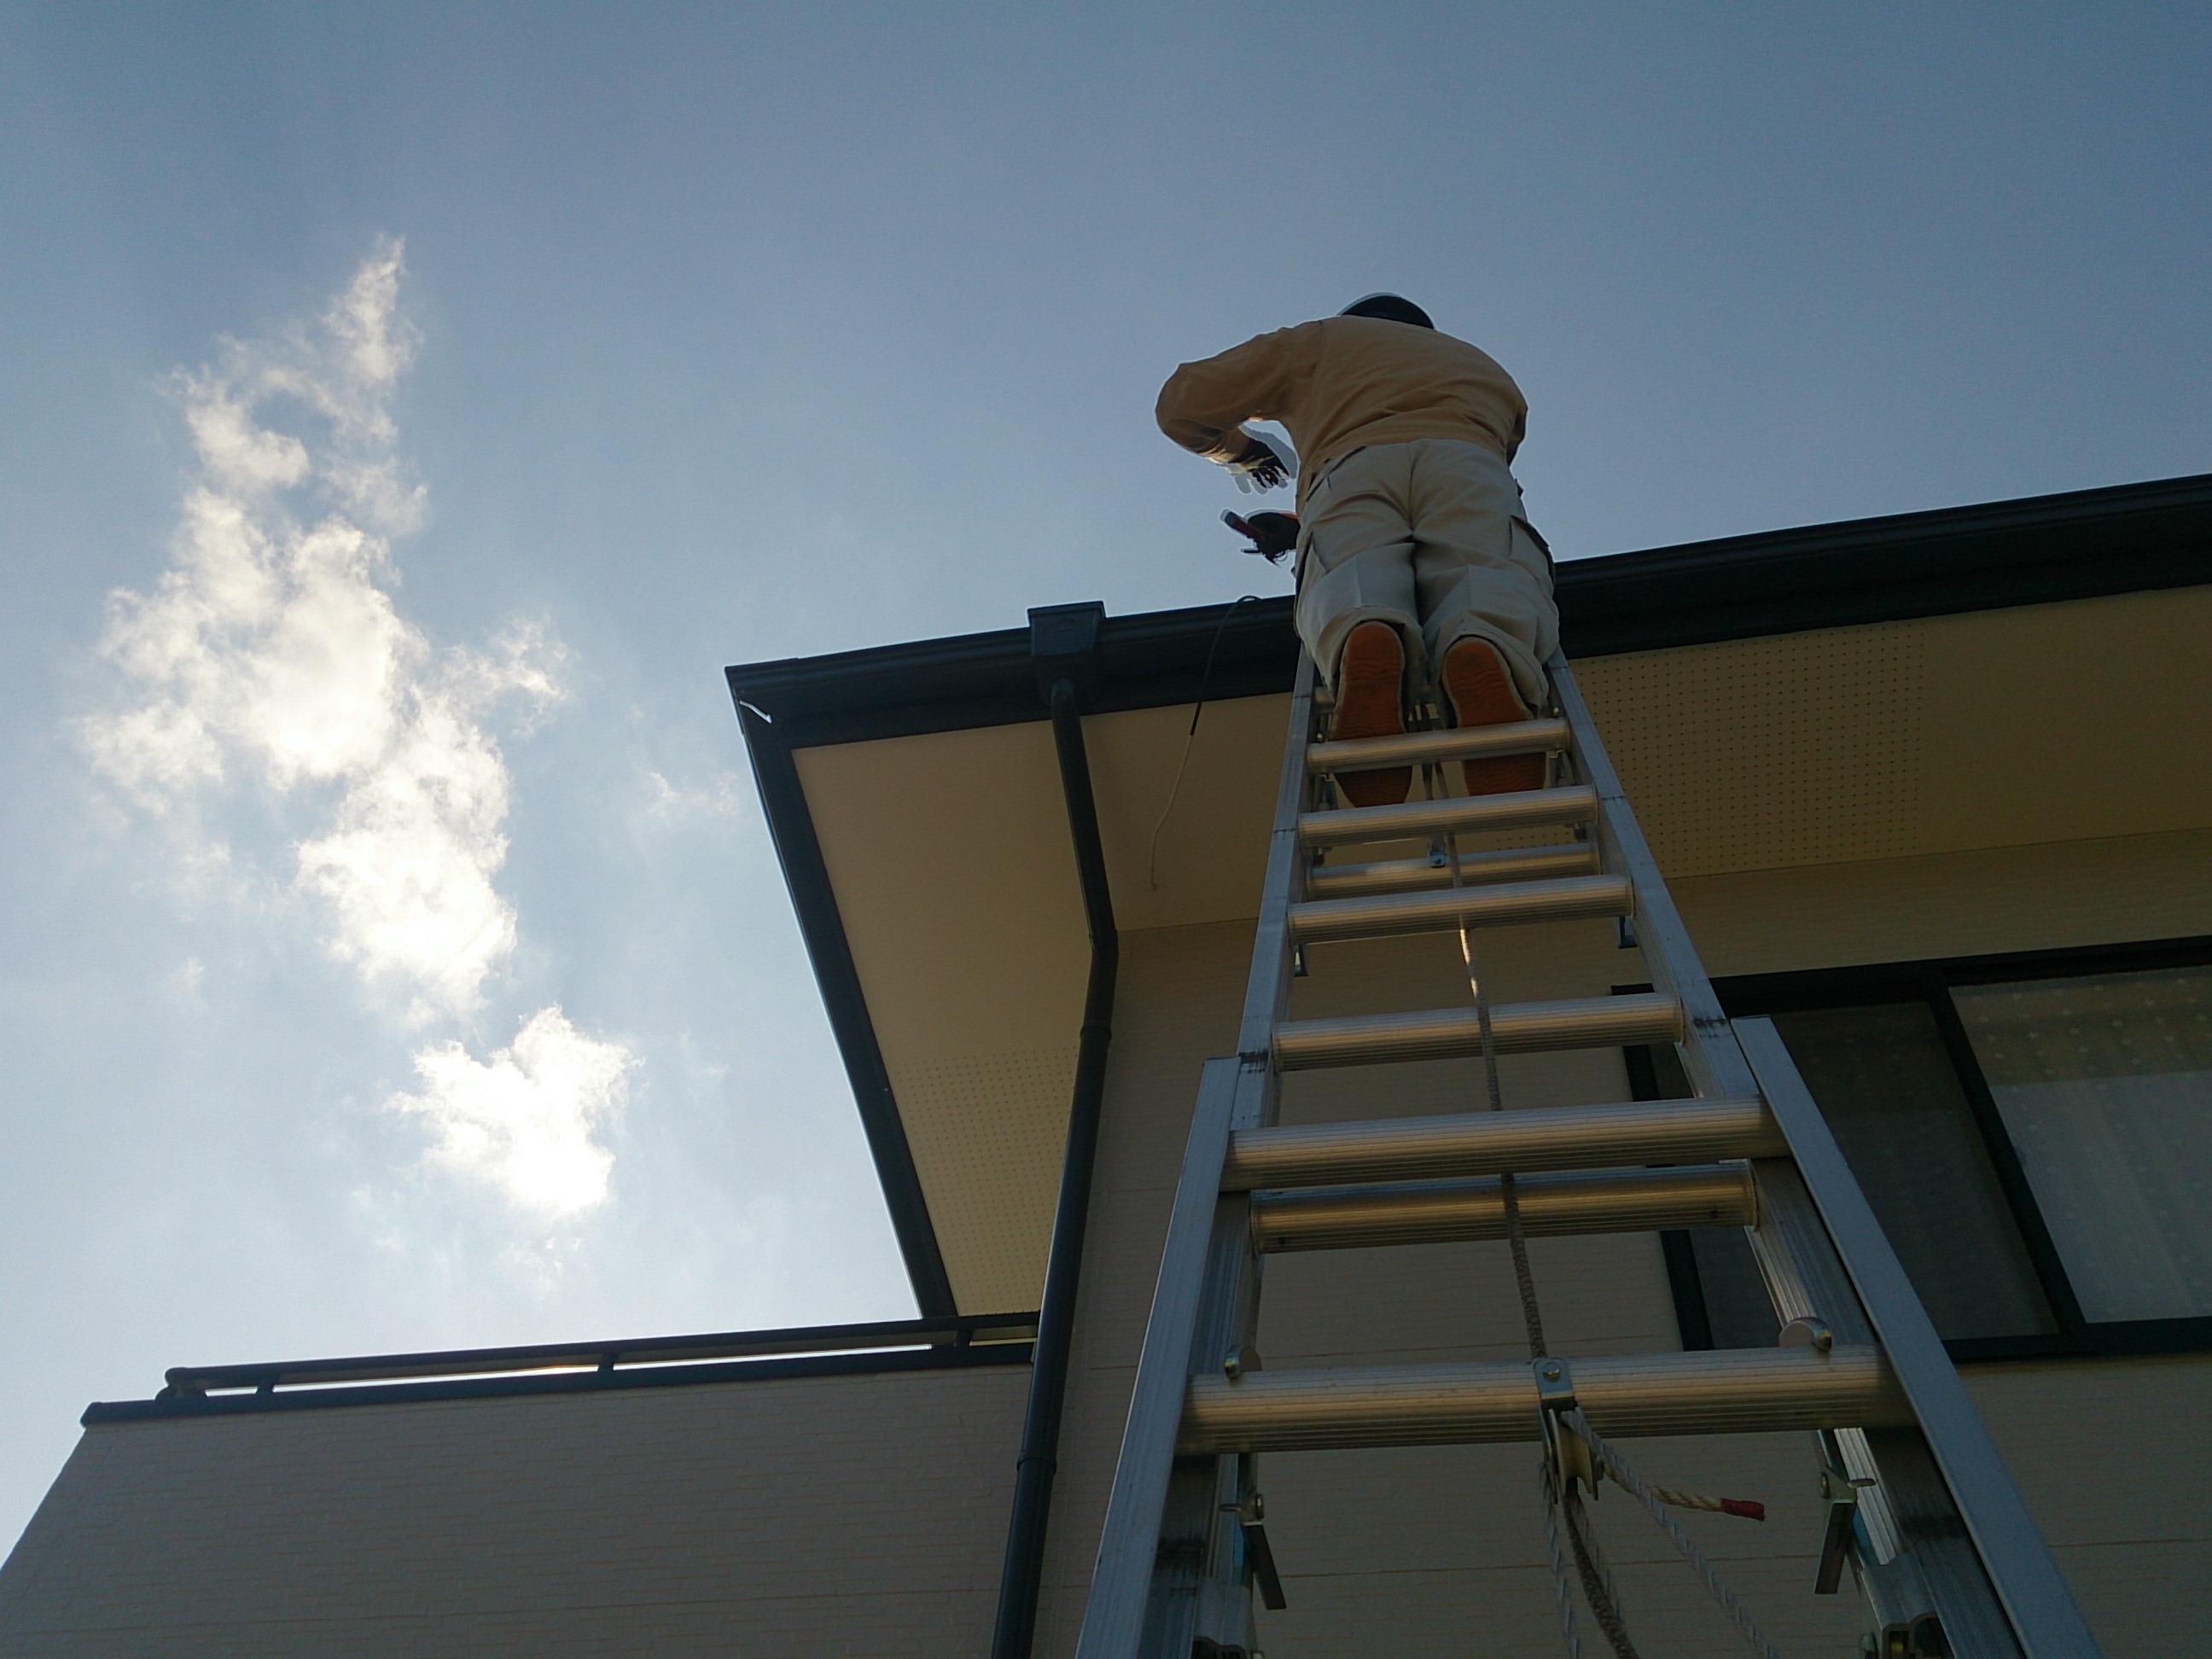 はしごを使った雨樋点検の様子